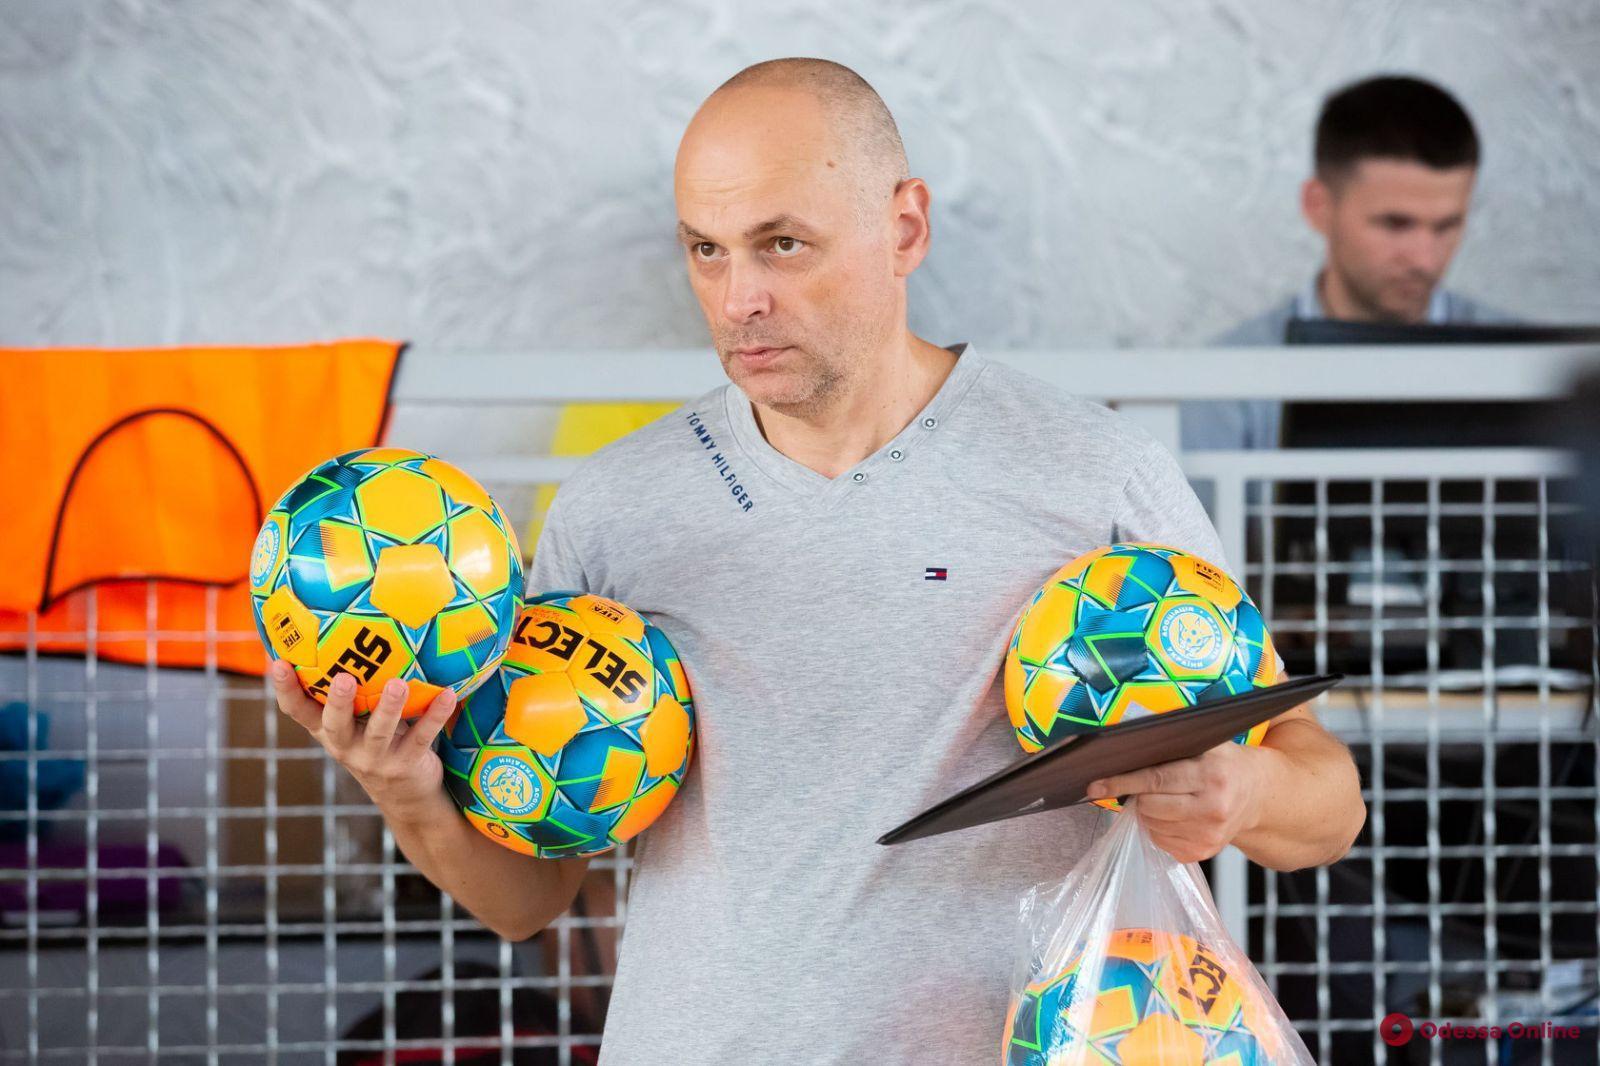 Директор уникального спорткомплекса в Крыжановке – о дефиците спортсооружений в стране и высоком спросе арендаторов